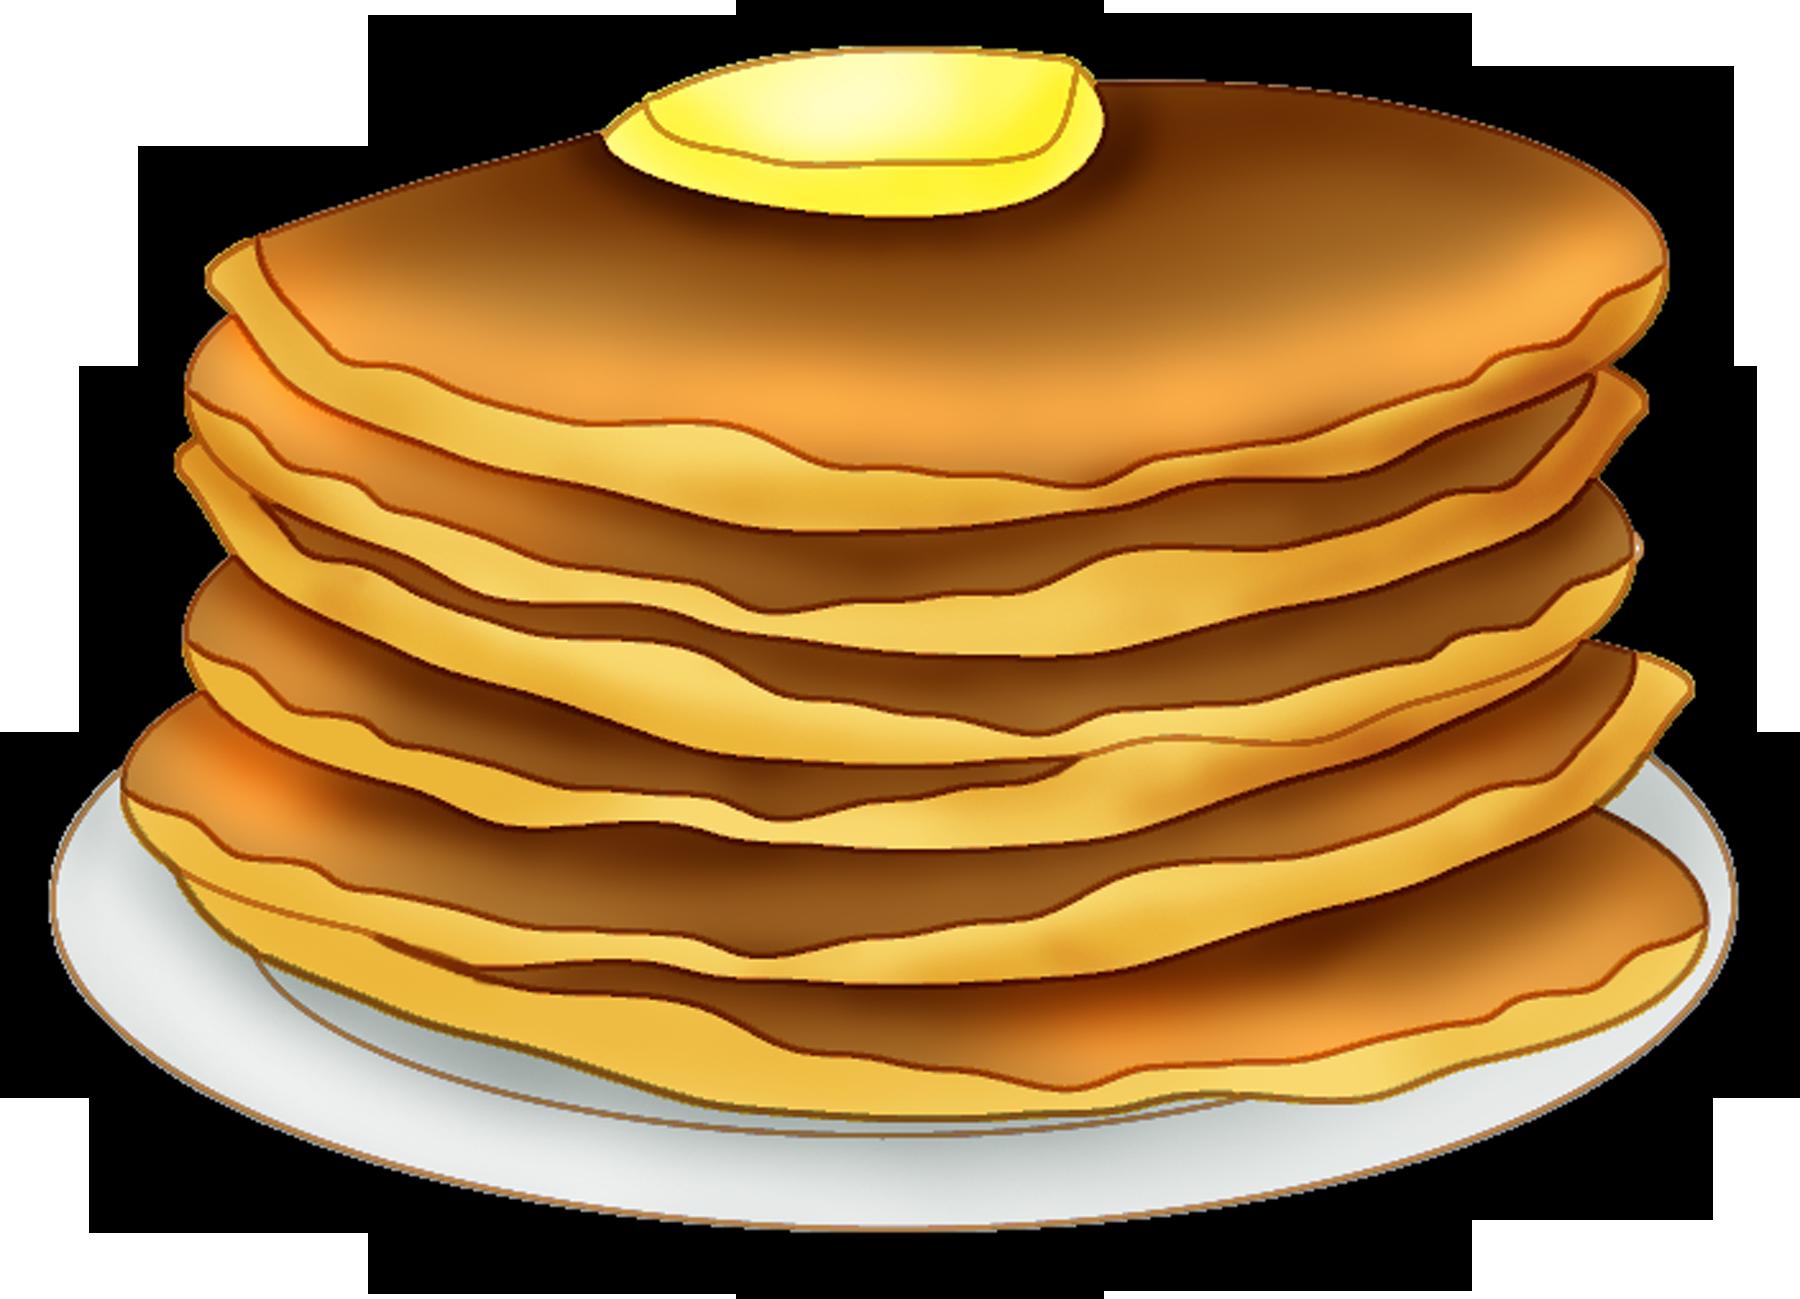 Free clipart pancakes royalty free 76+ Pancake Clipart Free | ClipartLook royalty free